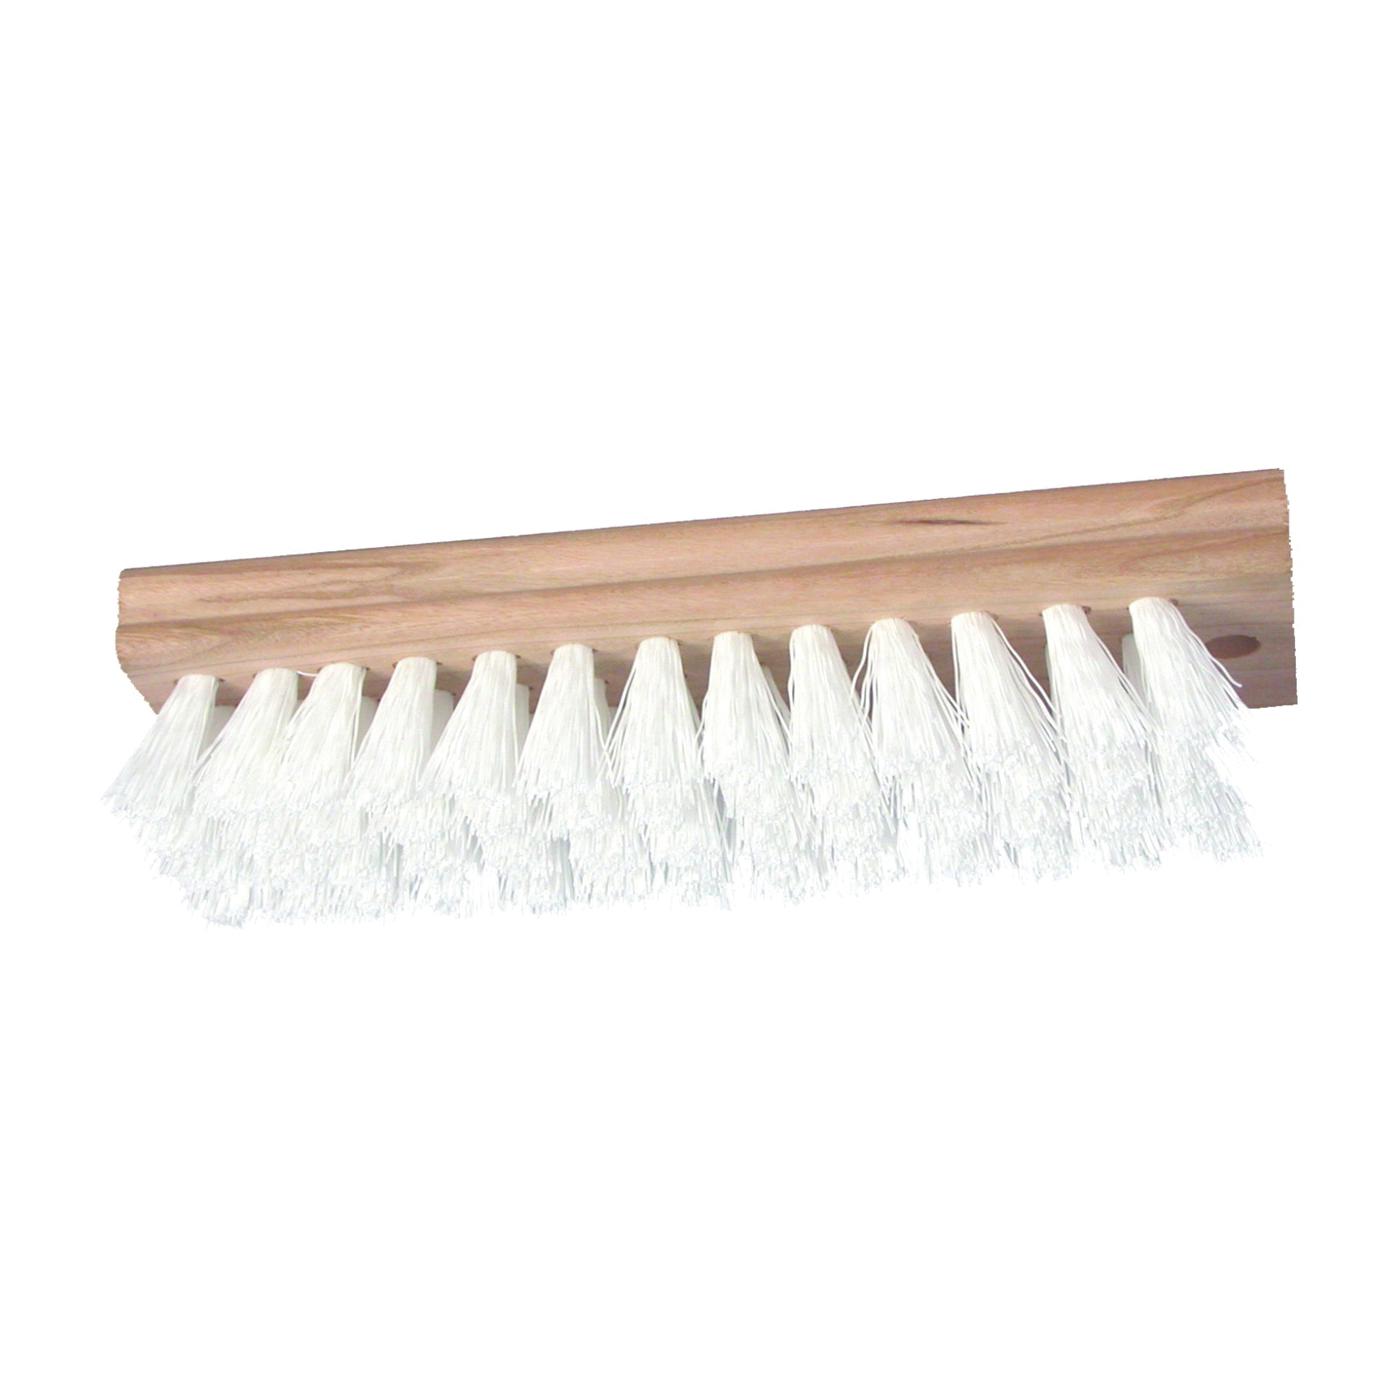 Picture of BIRDWELL 460-48 Scrubber Brush, 1 in L Trim